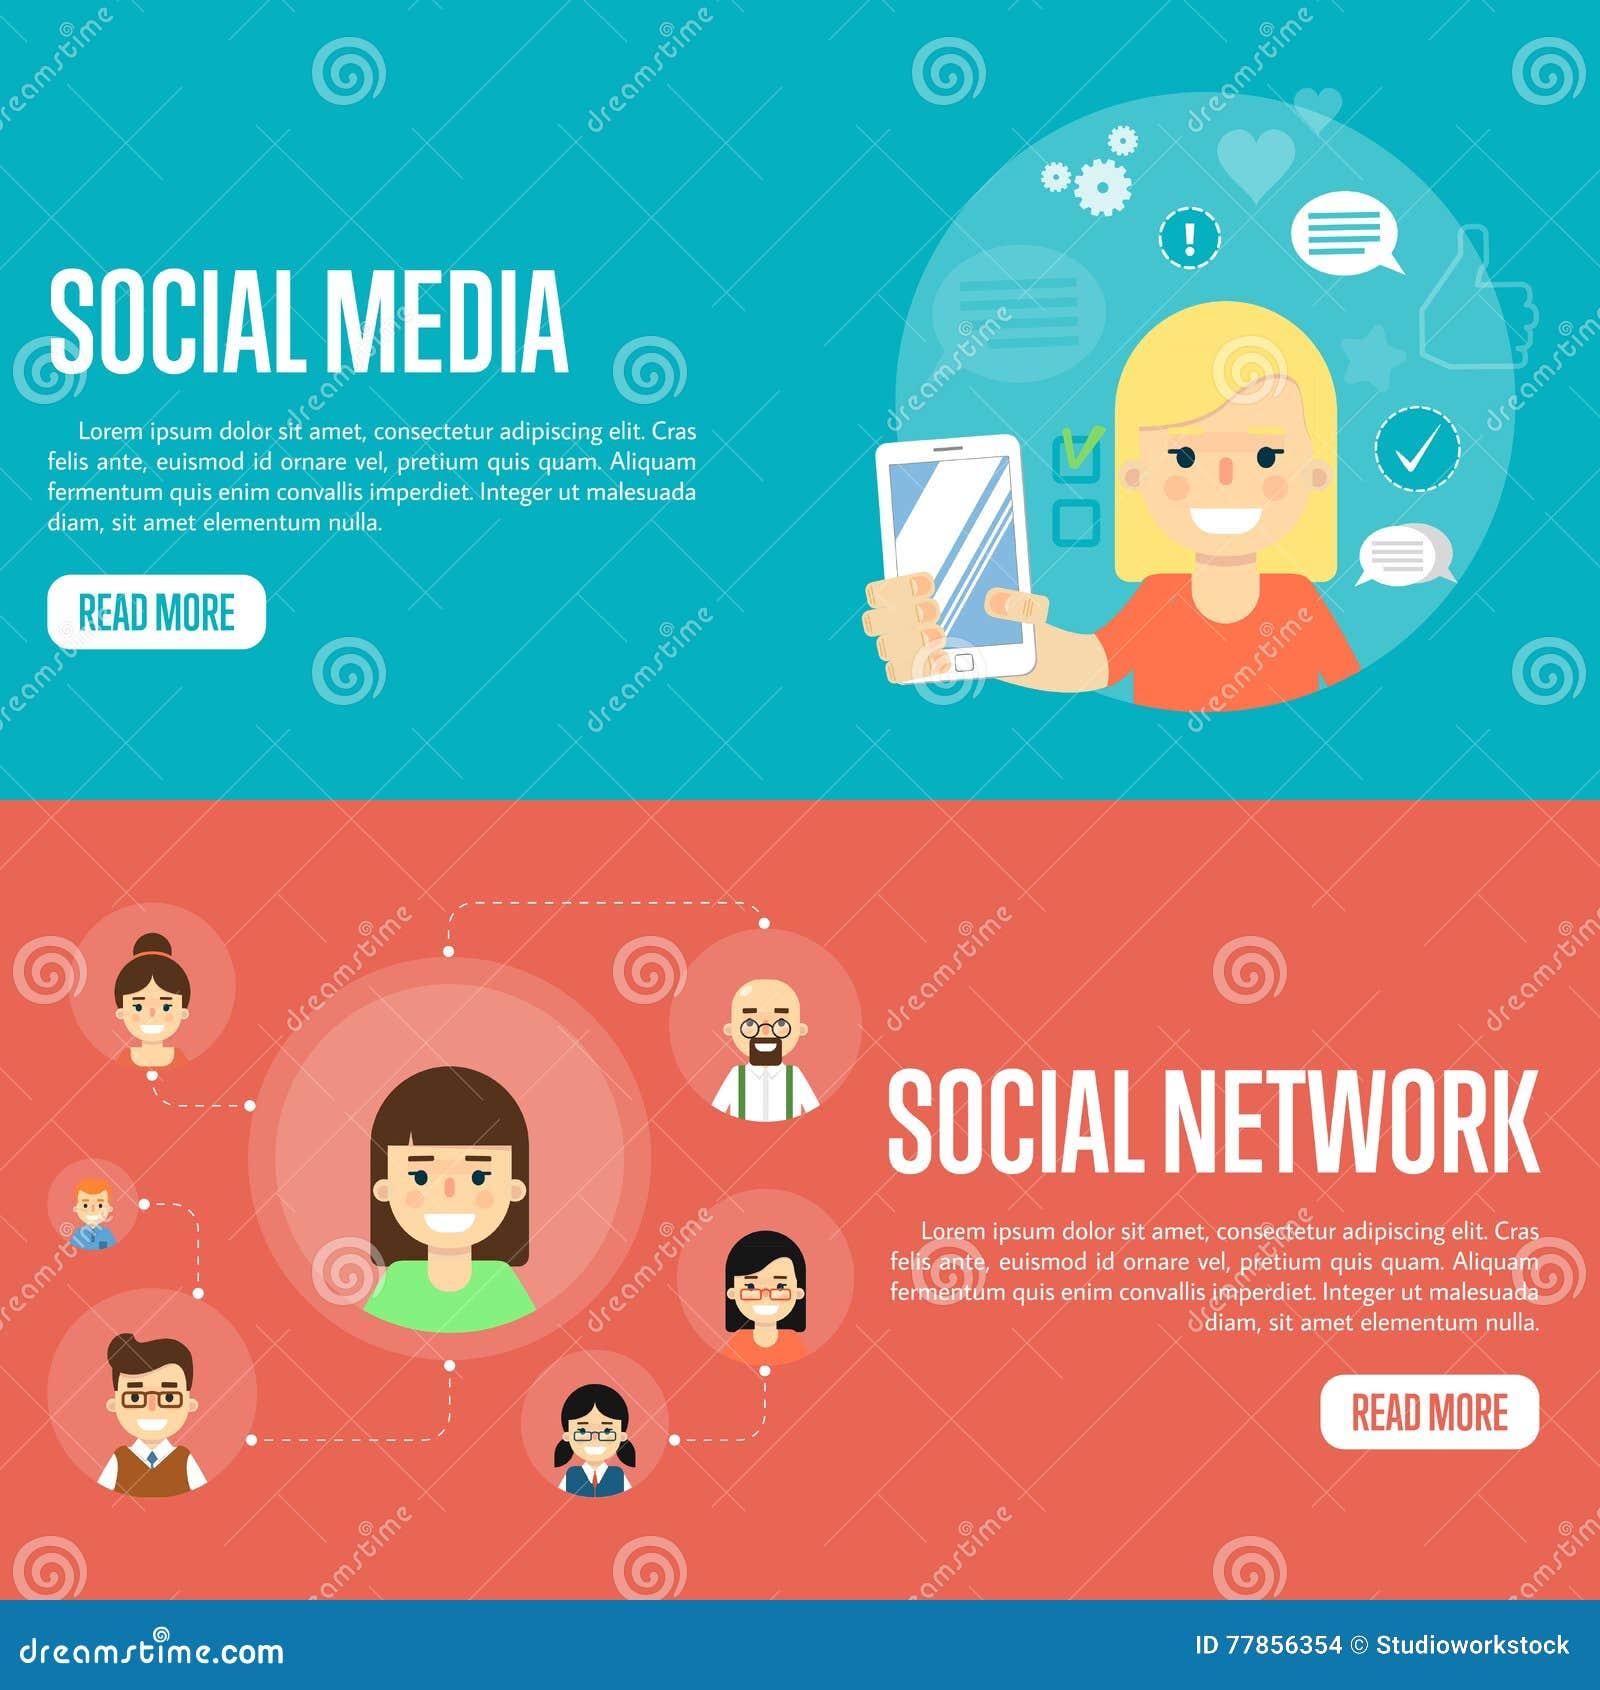 social media network website templates stock vector illustration